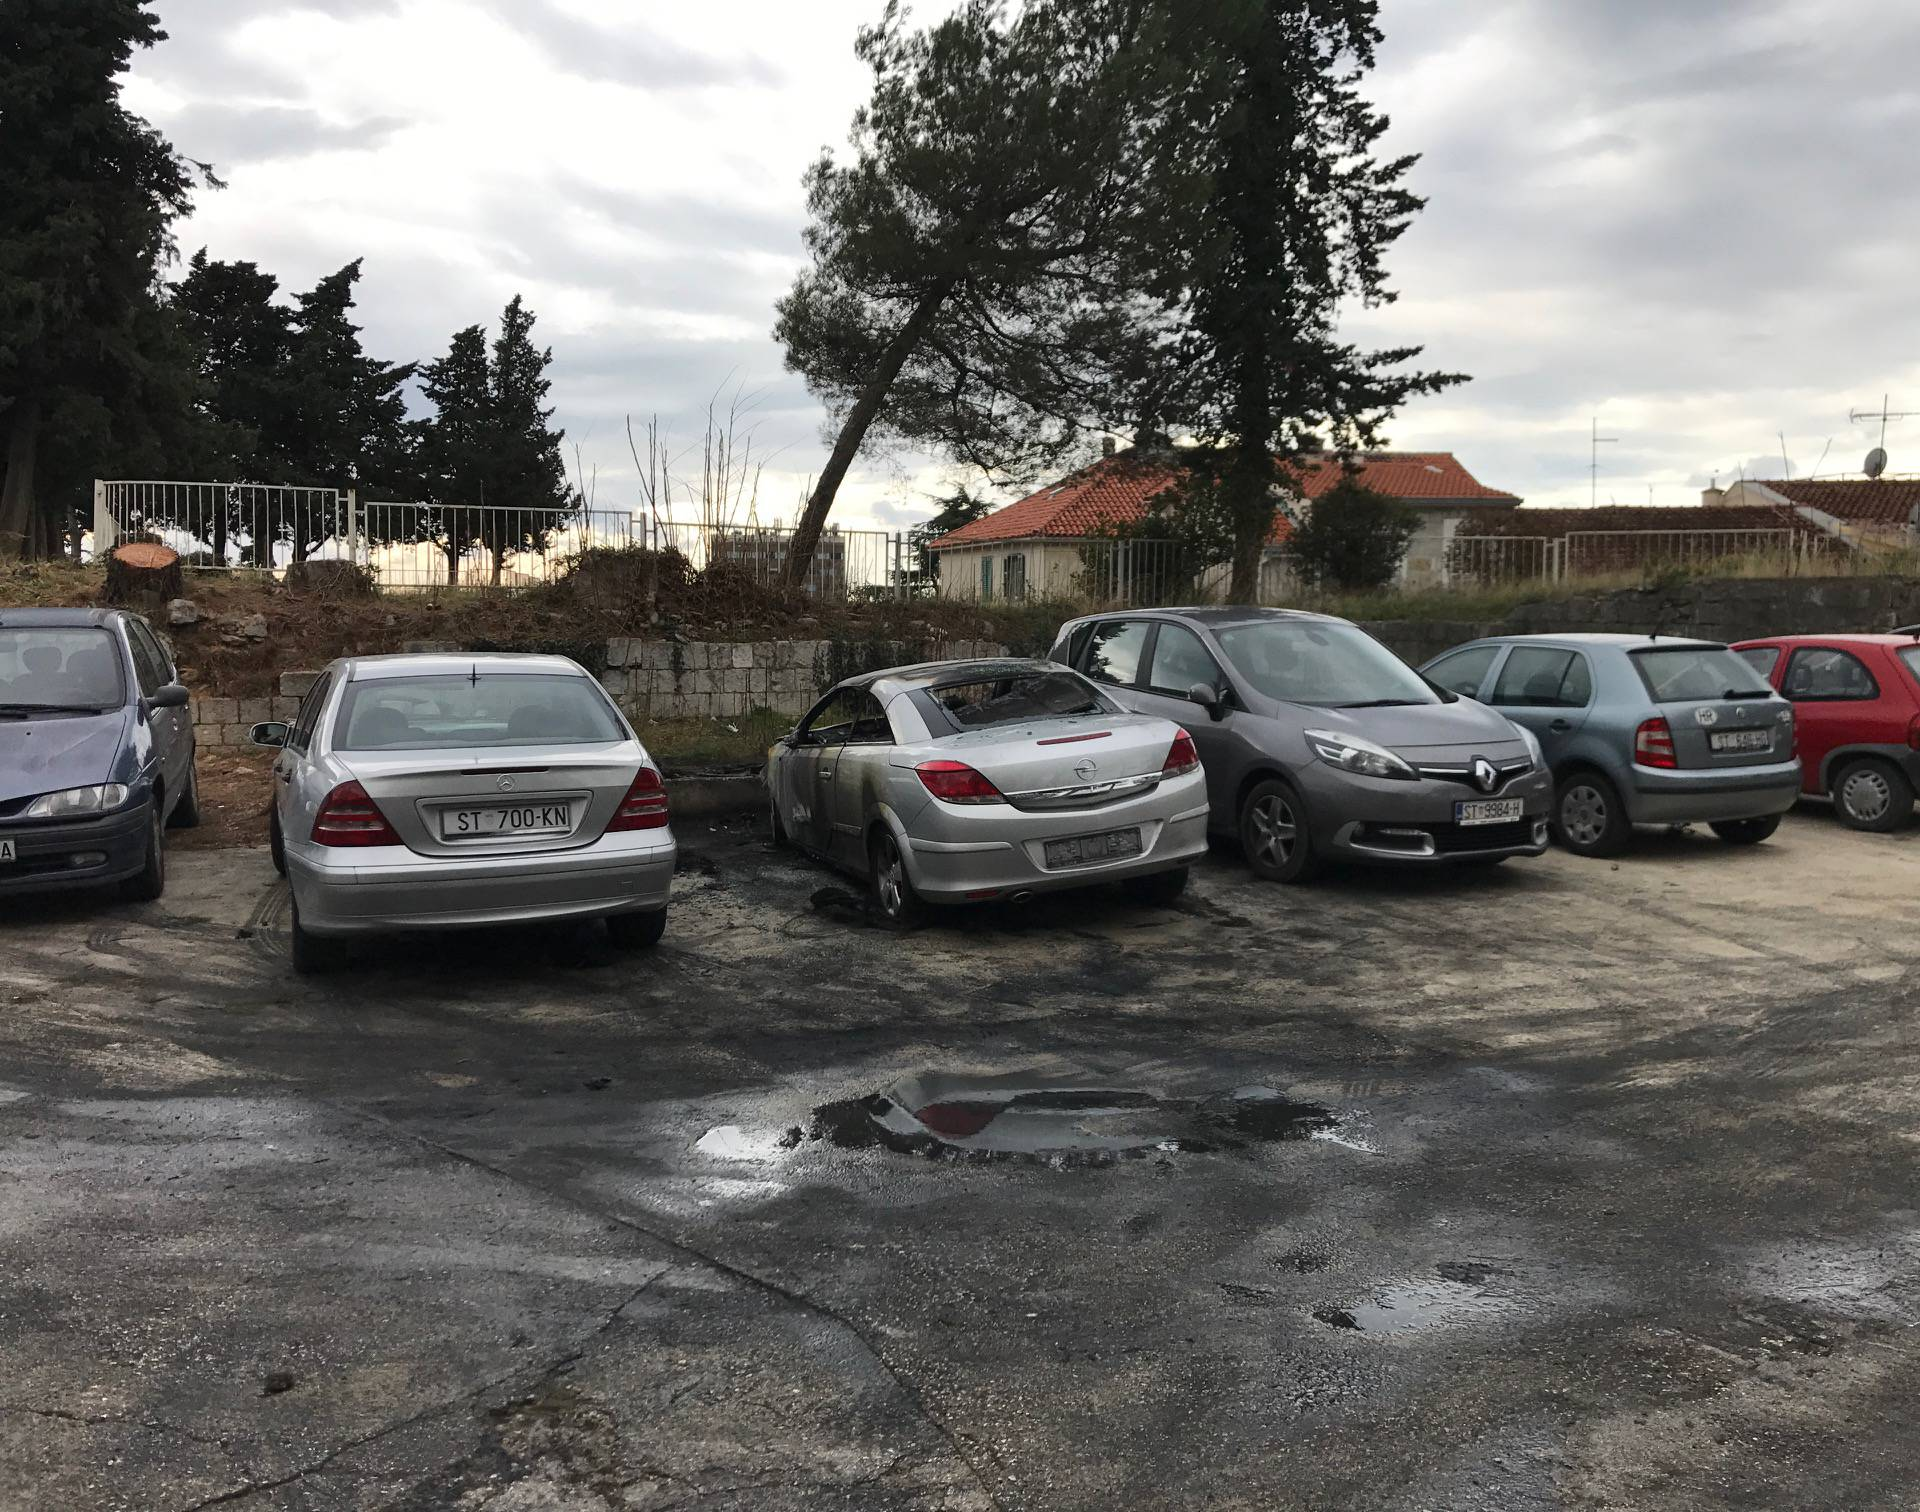 Ta vatrena splitska noć: Netko pod okriljem noći zapalio Opel